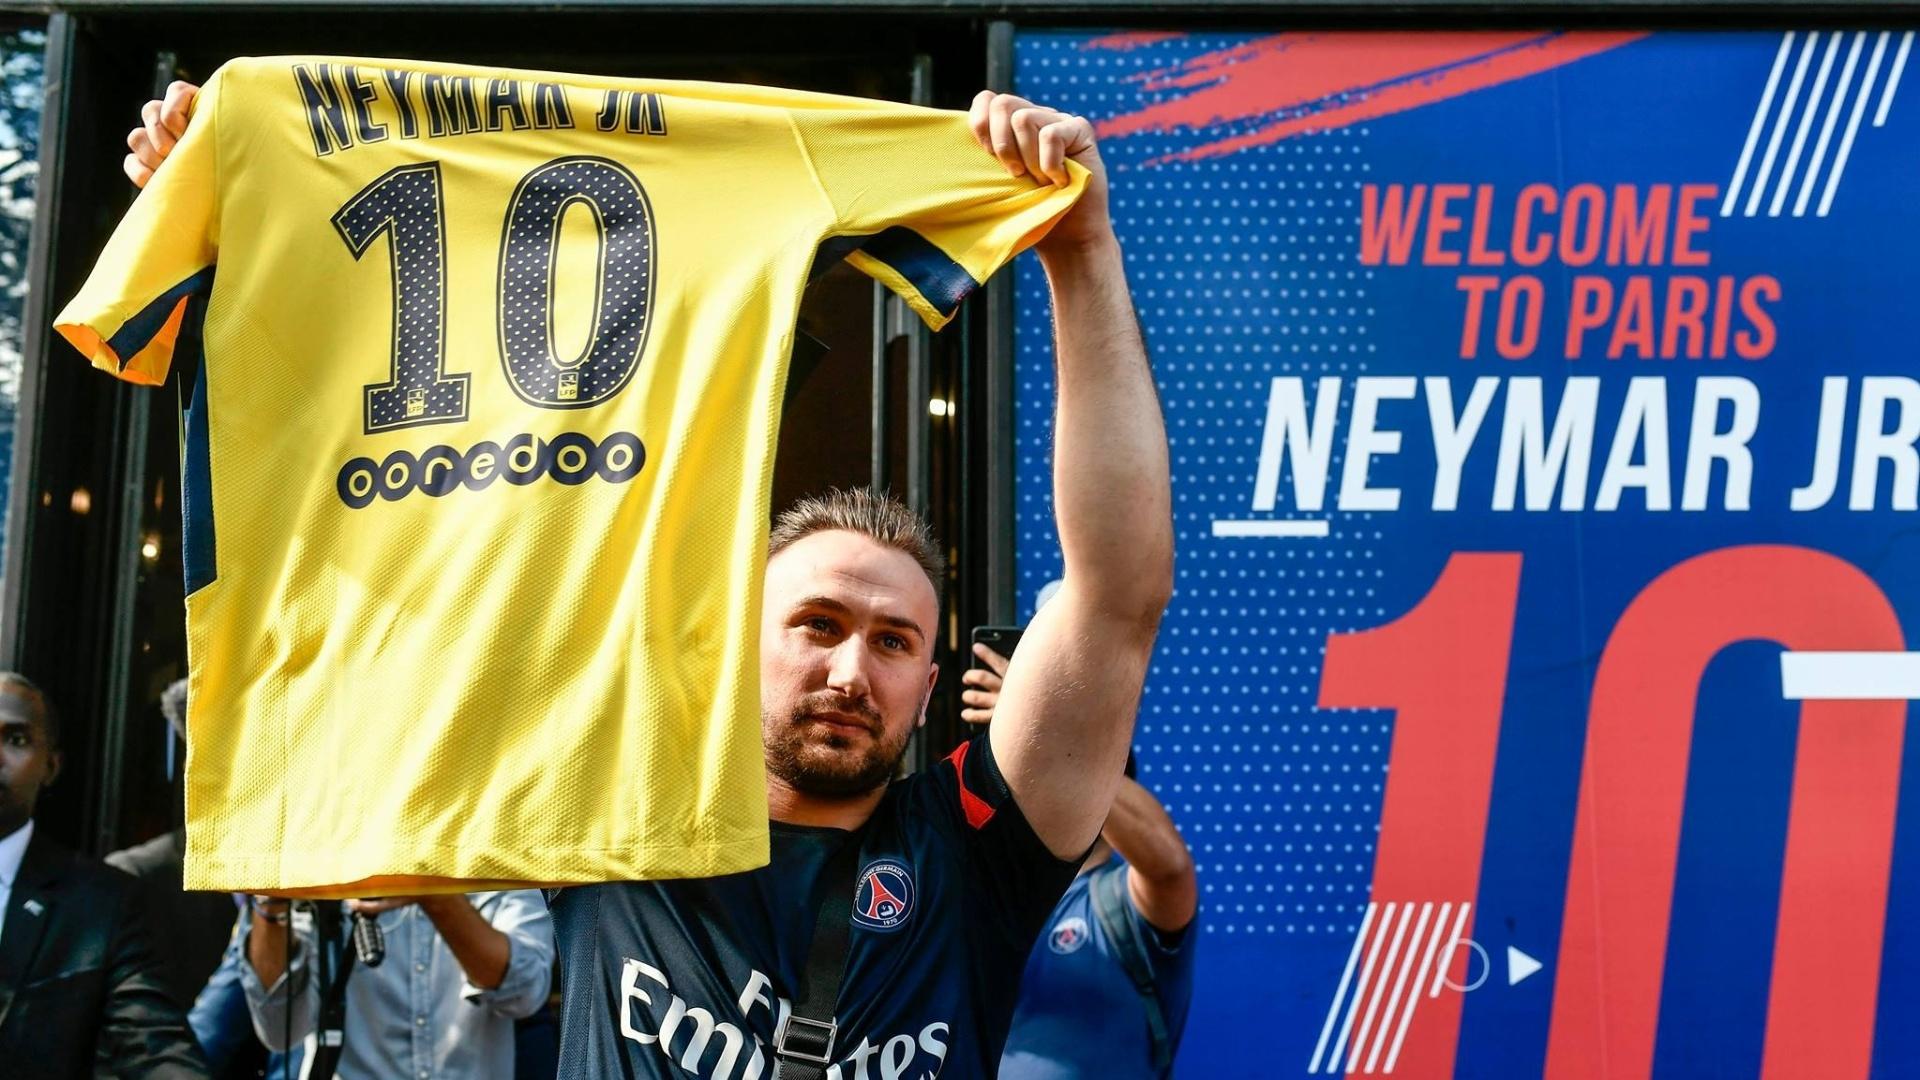 Torcedor do PSG compra camisa especial de Neymar no dia de sua apresentação em Paris